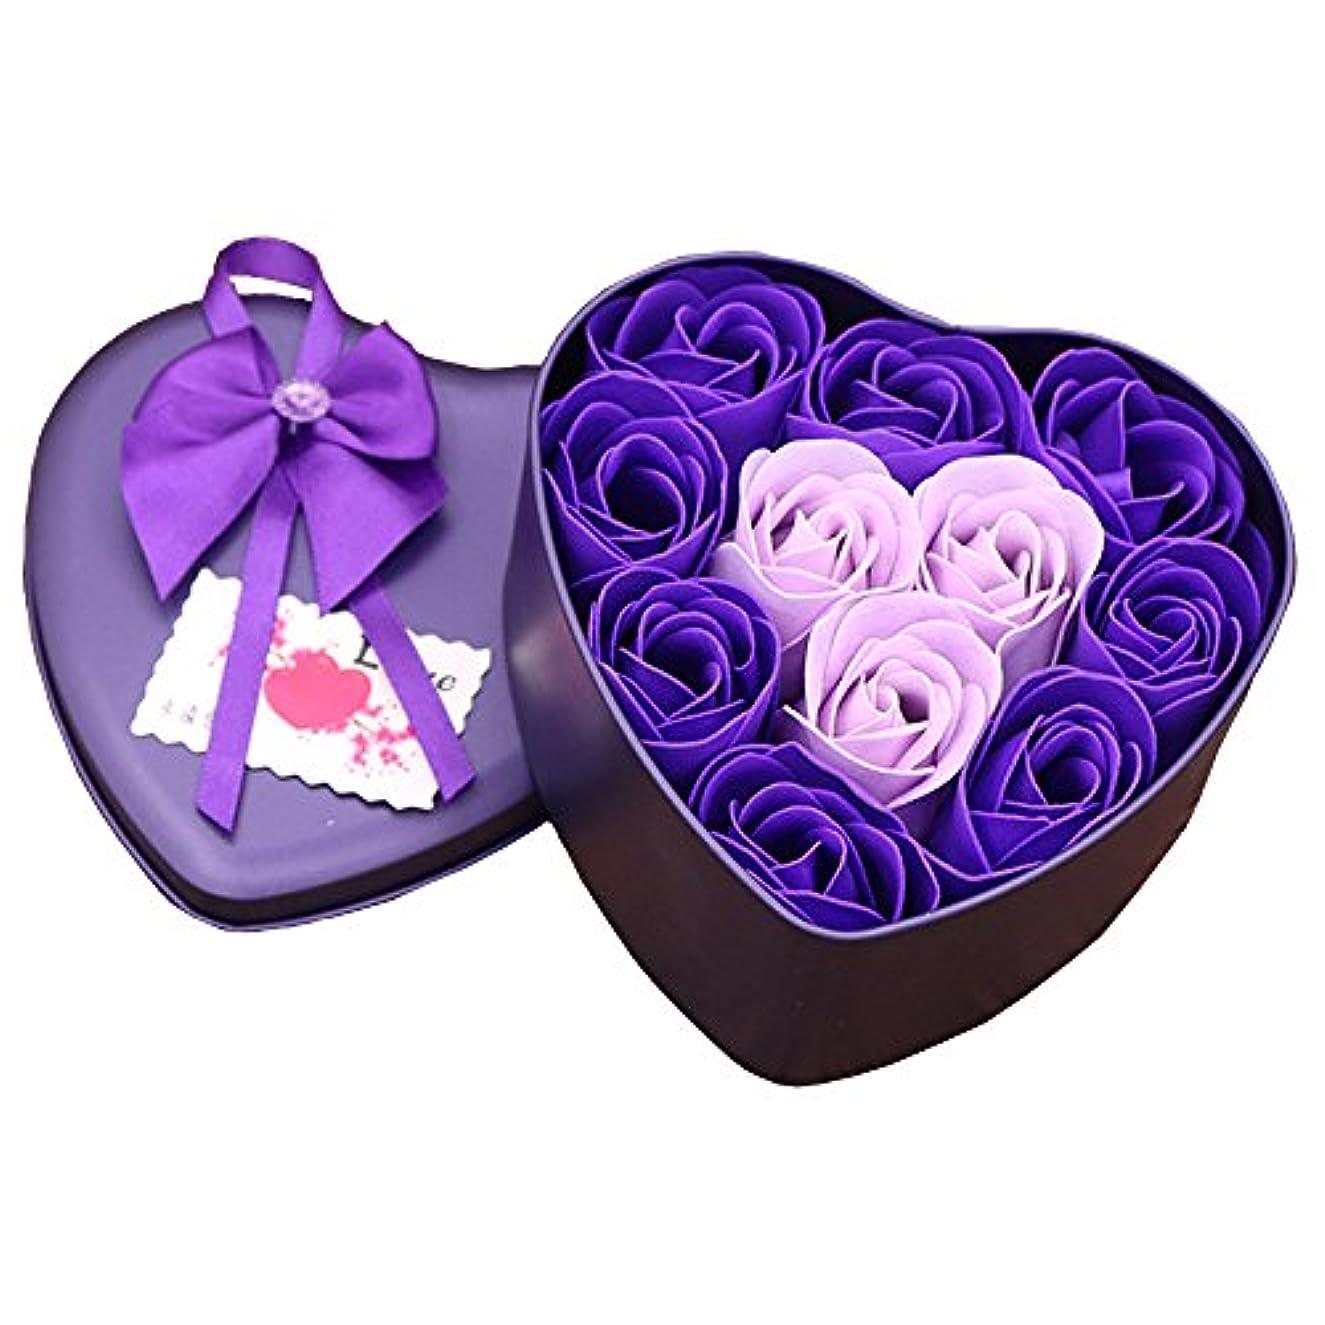 シットコム子影iCoole ソープフラワー 石鹸花 ハードフラワー形状 ギフトボックス入り 母の日 バレンタインデー お誕生日 ギフト